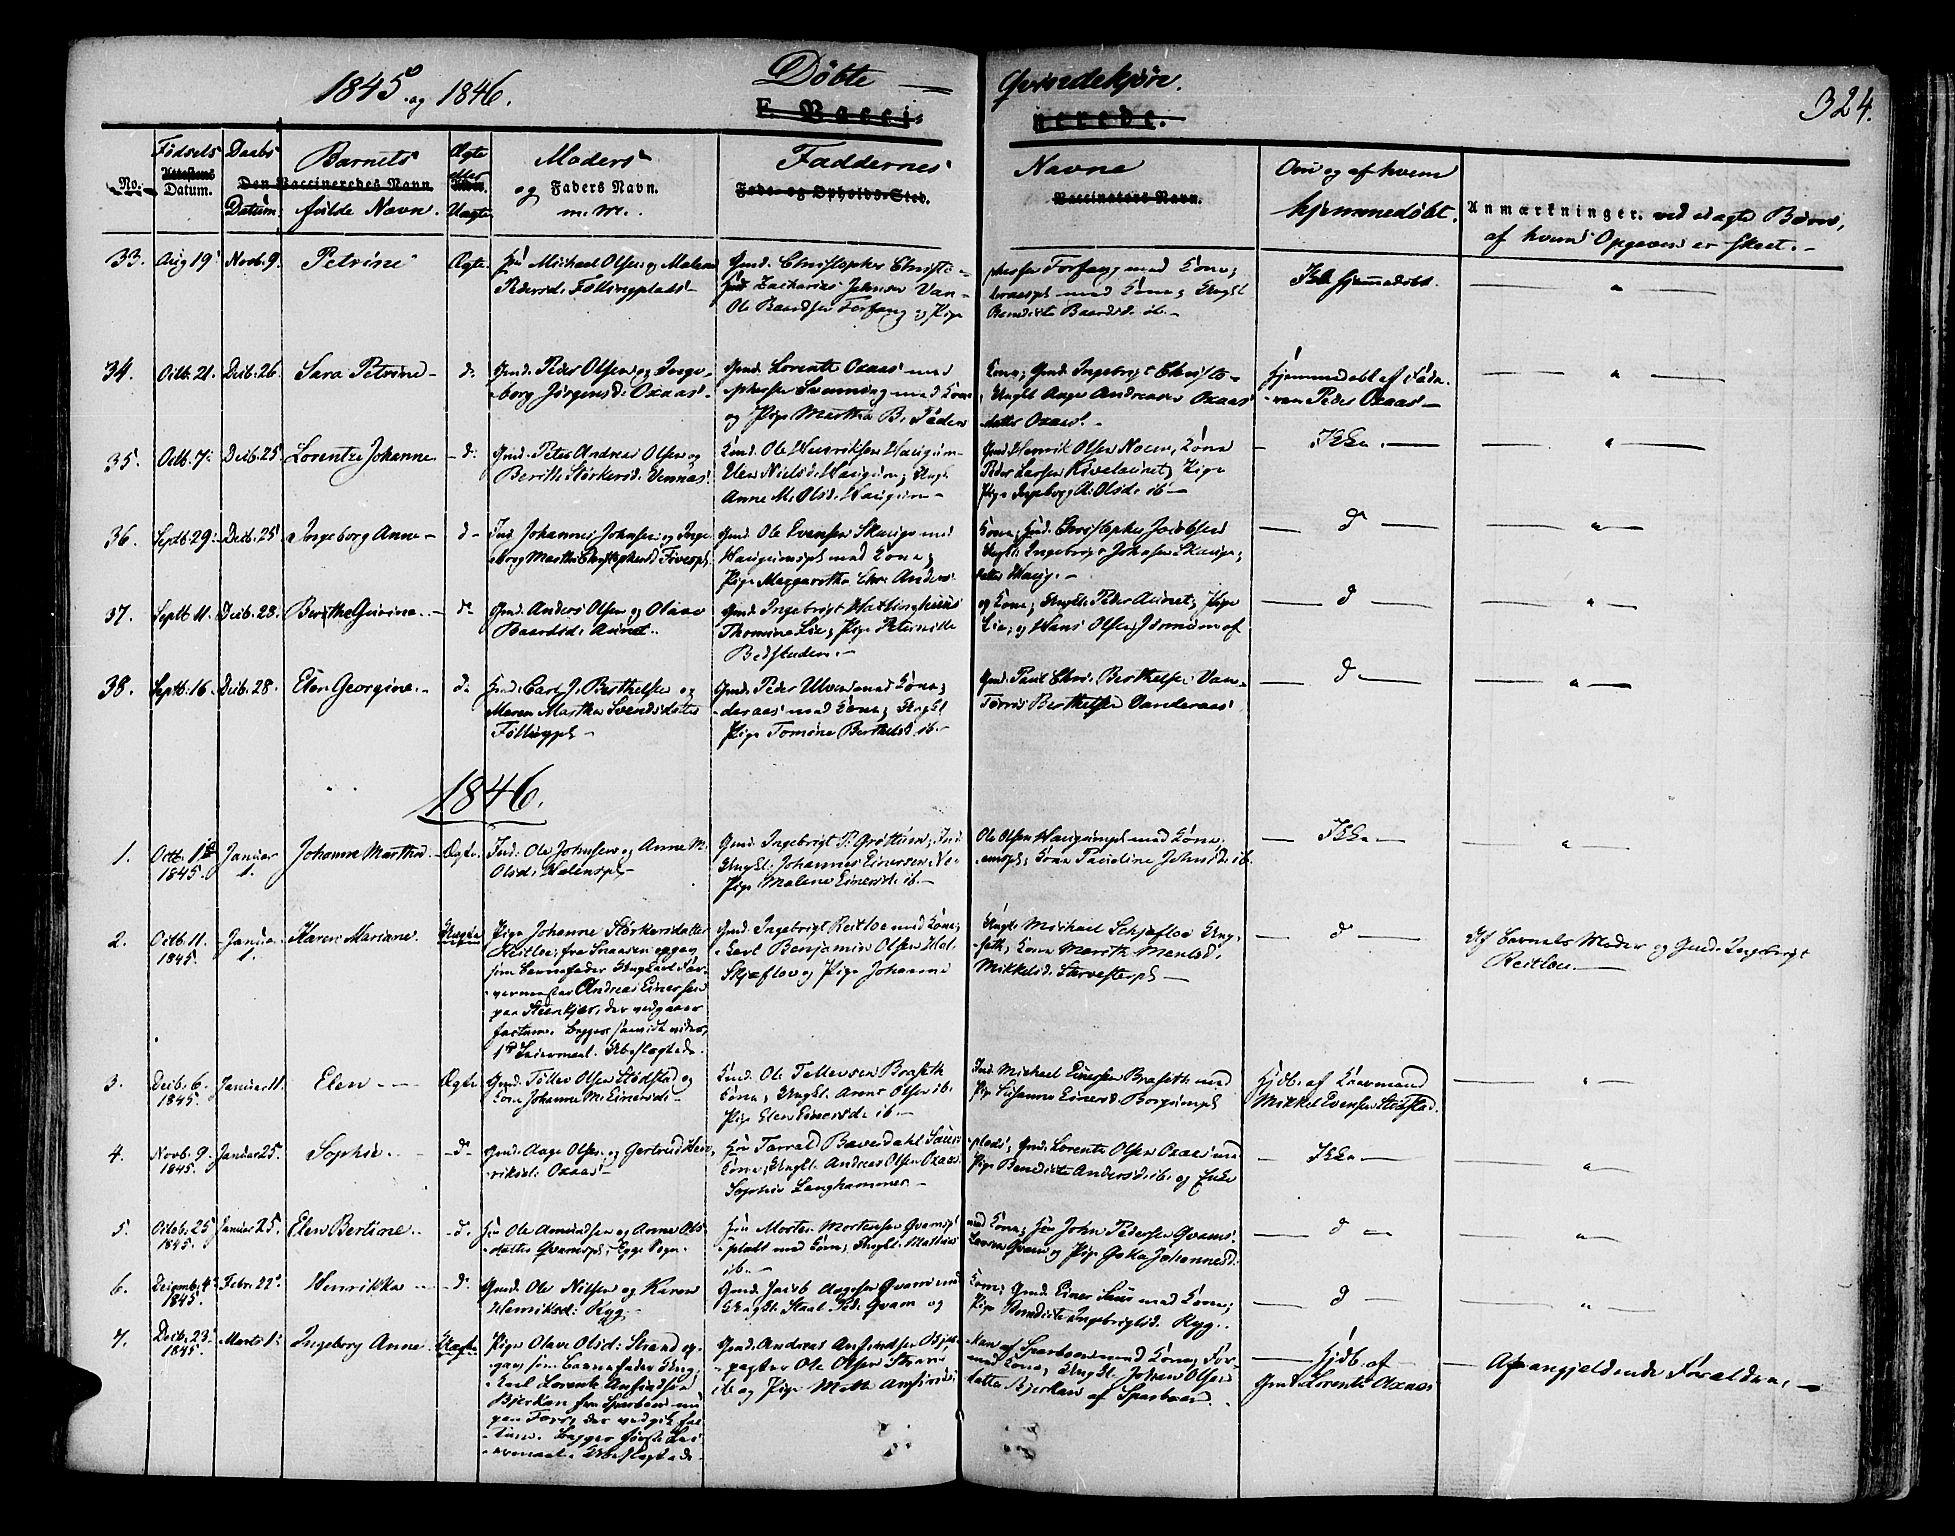 SAT, Ministerialprotokoller, klokkerbøker og fødselsregistre - Nord-Trøndelag, 746/L0445: Ministerialbok nr. 746A04, 1826-1846, s. 324